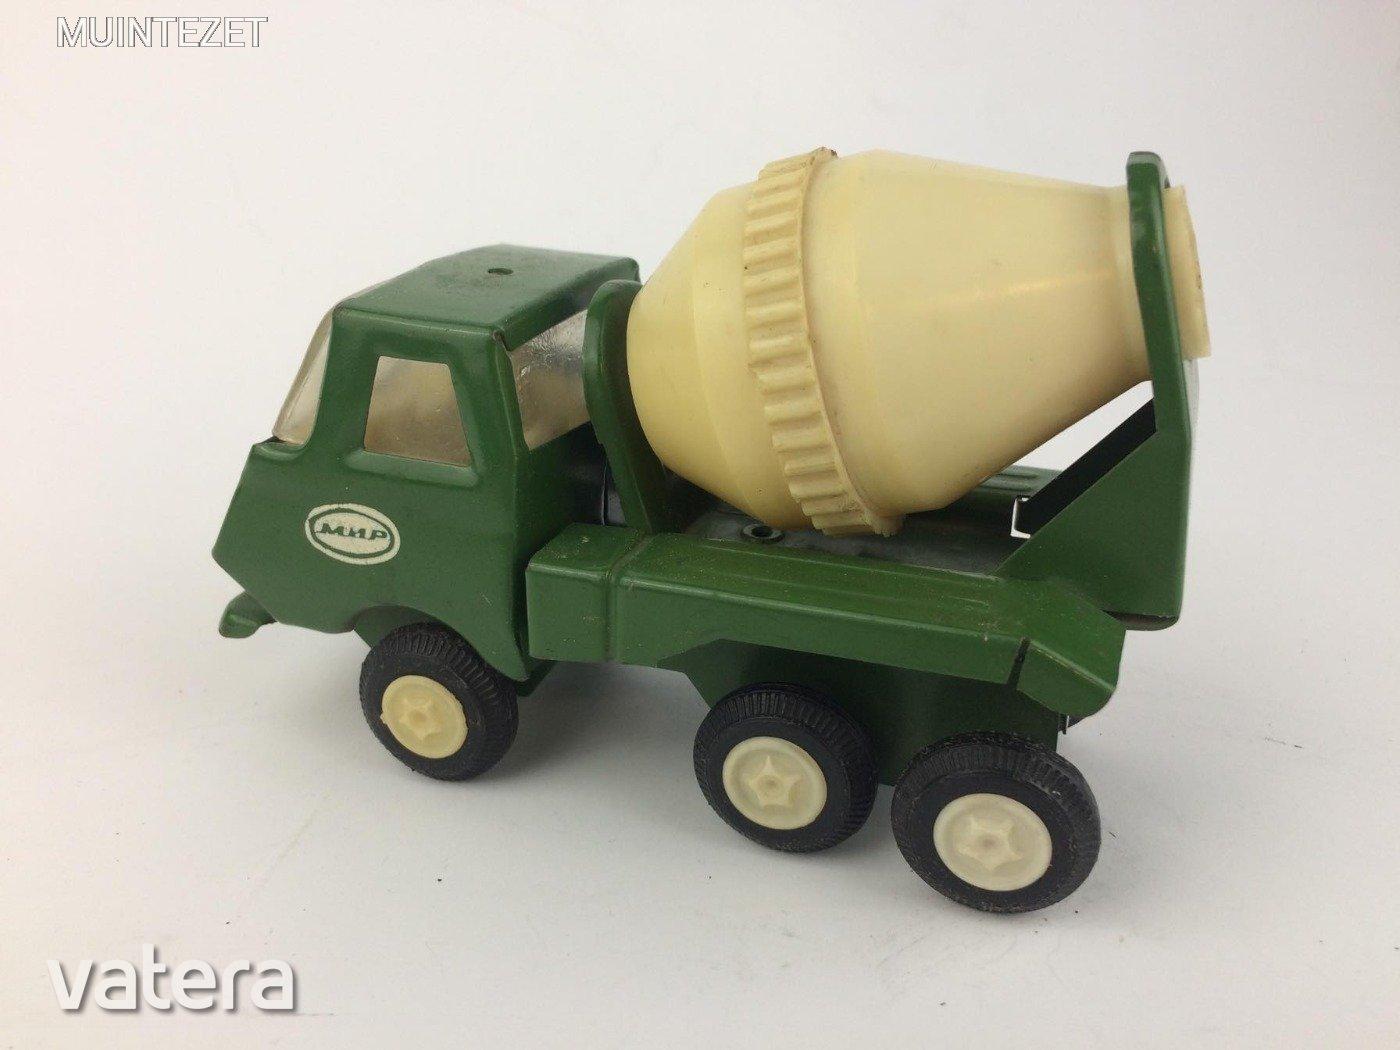 retro-szovjet-lemezjatek-lemez-auto-betonmixer-billencs-auto-3f9a_1_big.jpg